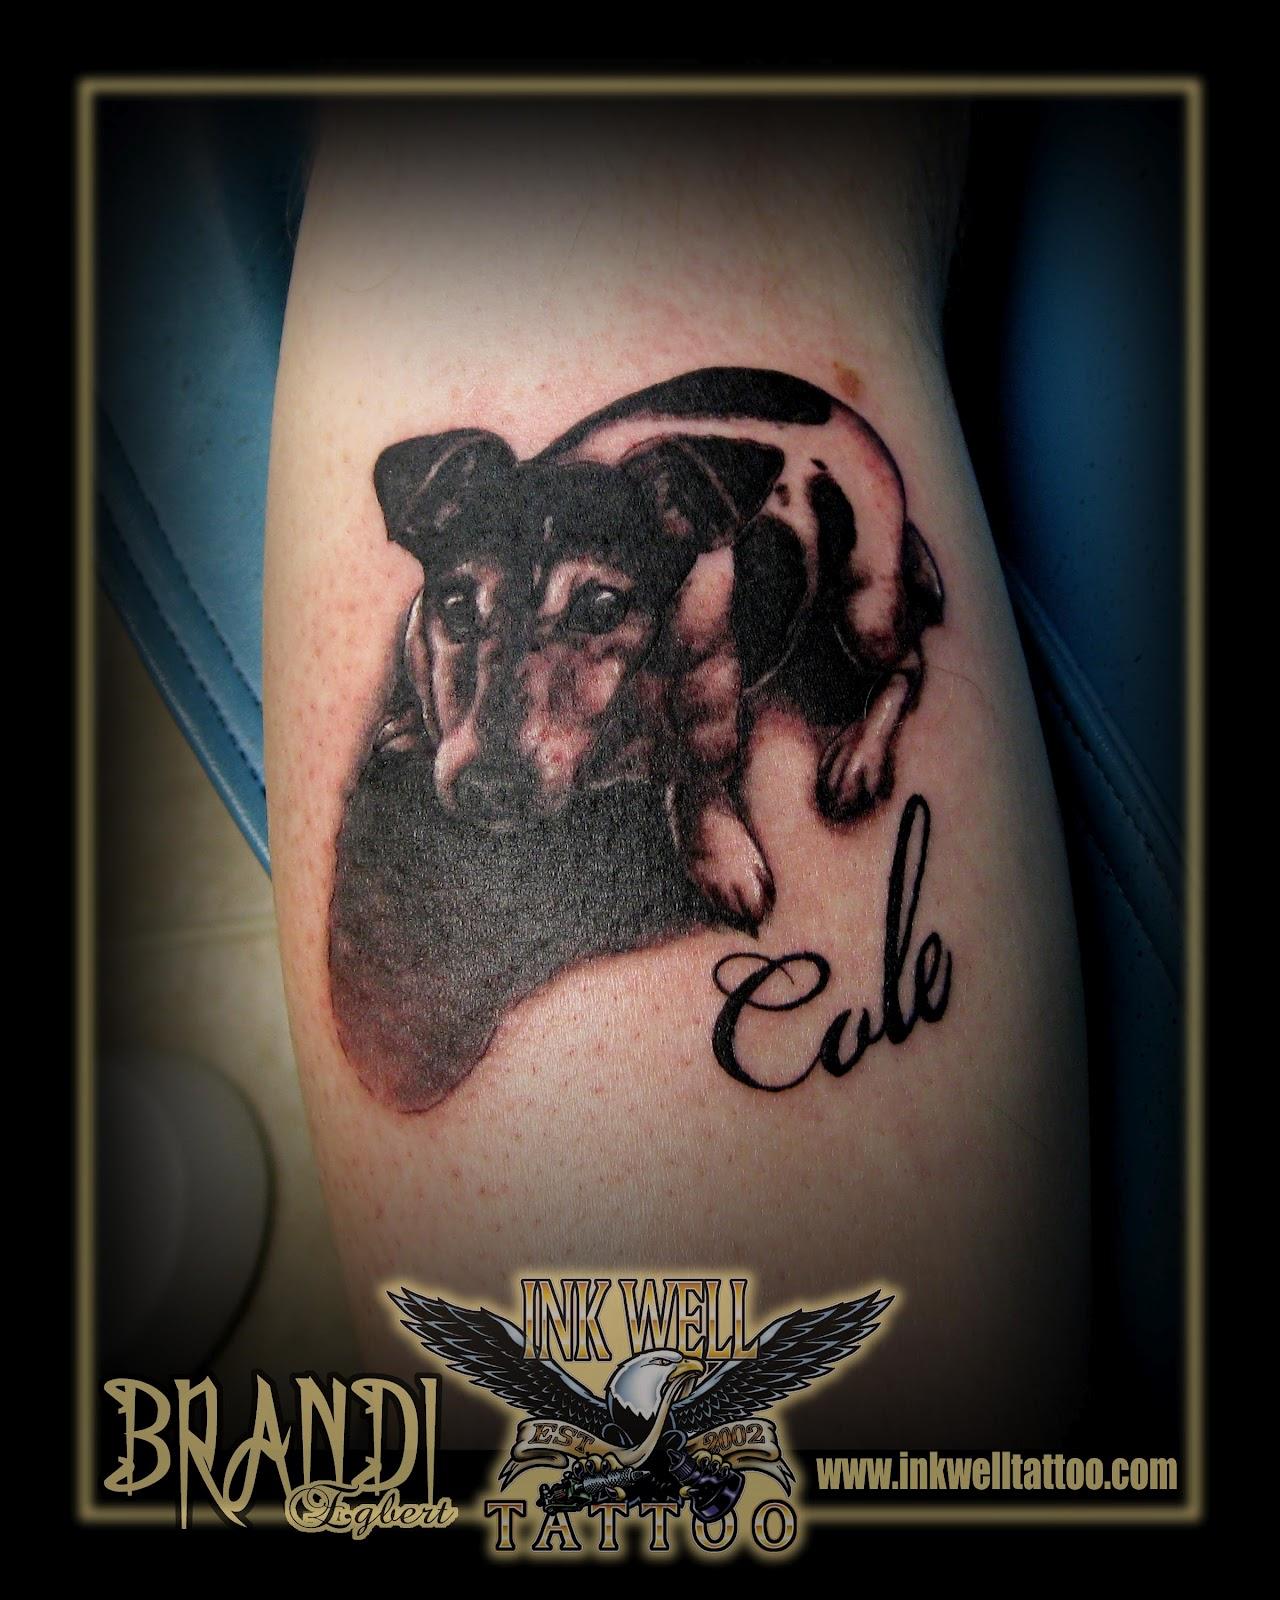 http://3.bp.blogspot.com/-BicfS2puSXU/T9E3qWduYLI/AAAAAAAAAHE/Dijf4hBDaRA/s1600/brandi_coledogportrait_tattoo.jpg